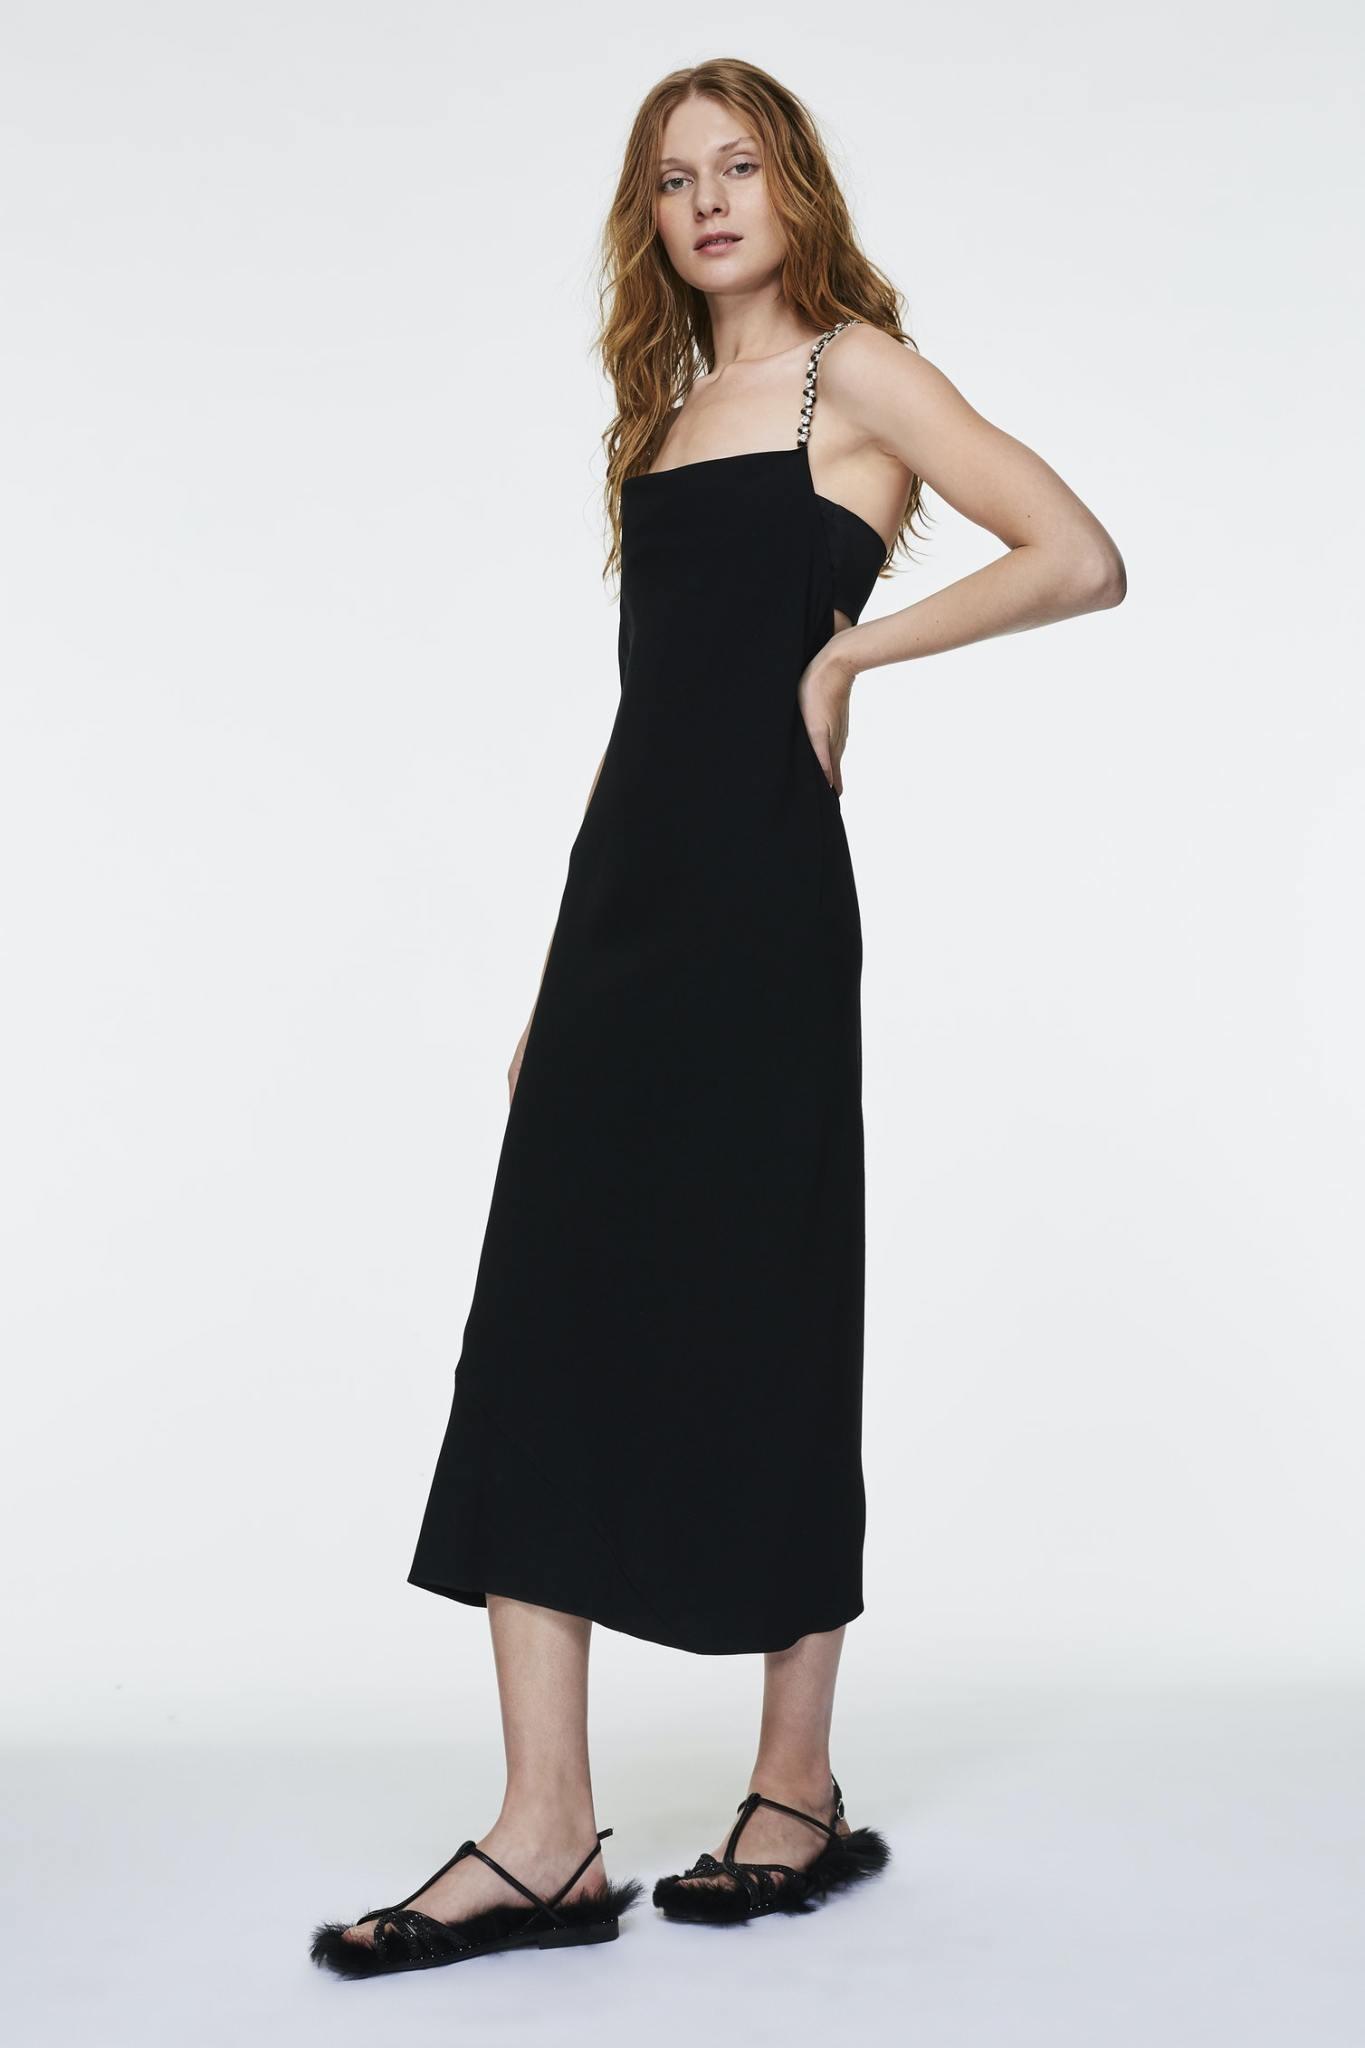 Classy statement dress dorothee schumacher-2